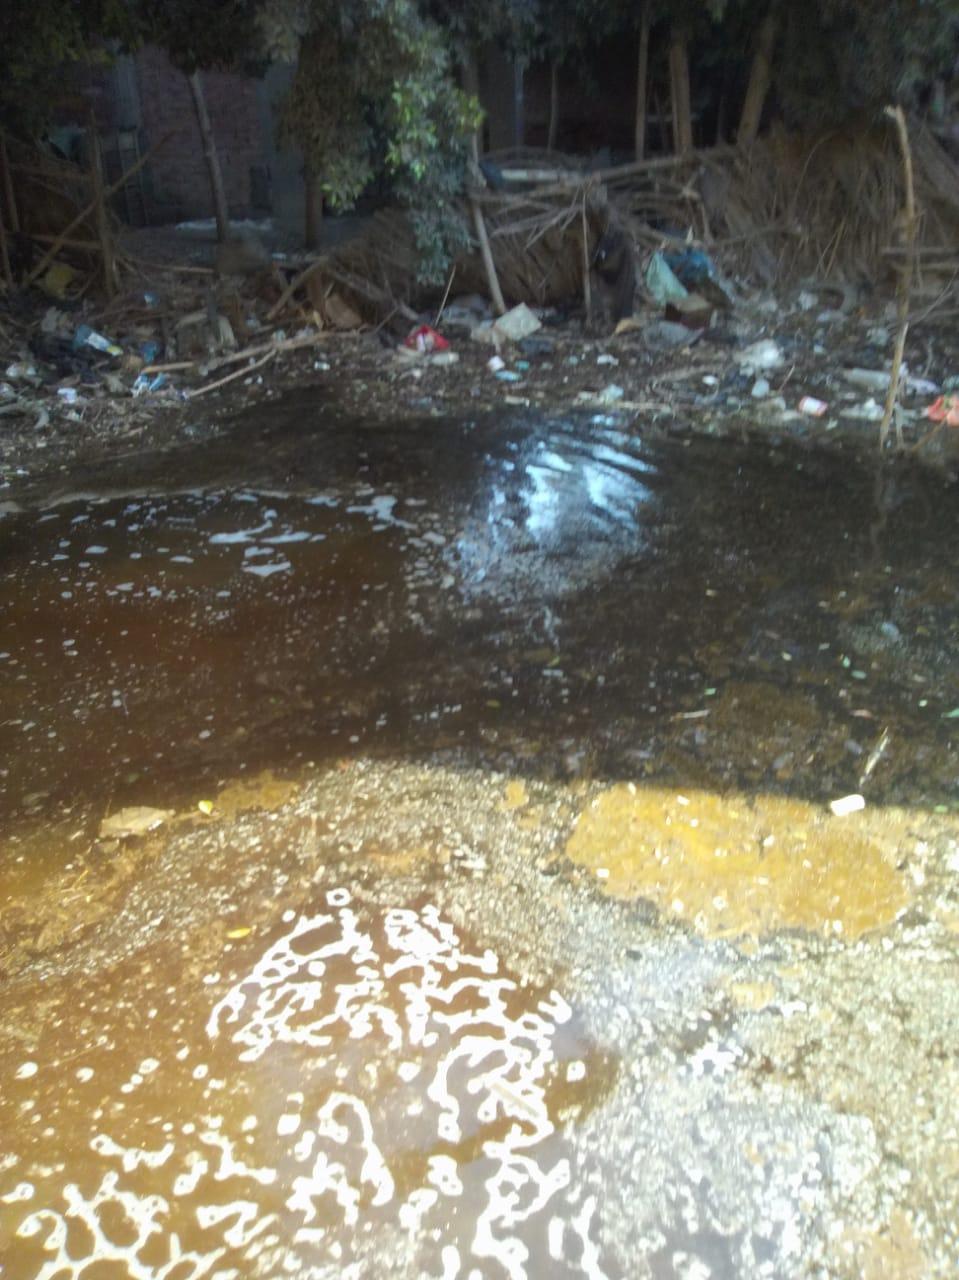 انتشار مياه الصرف الصحى بقرية فرسيس بمحافظة الغربية